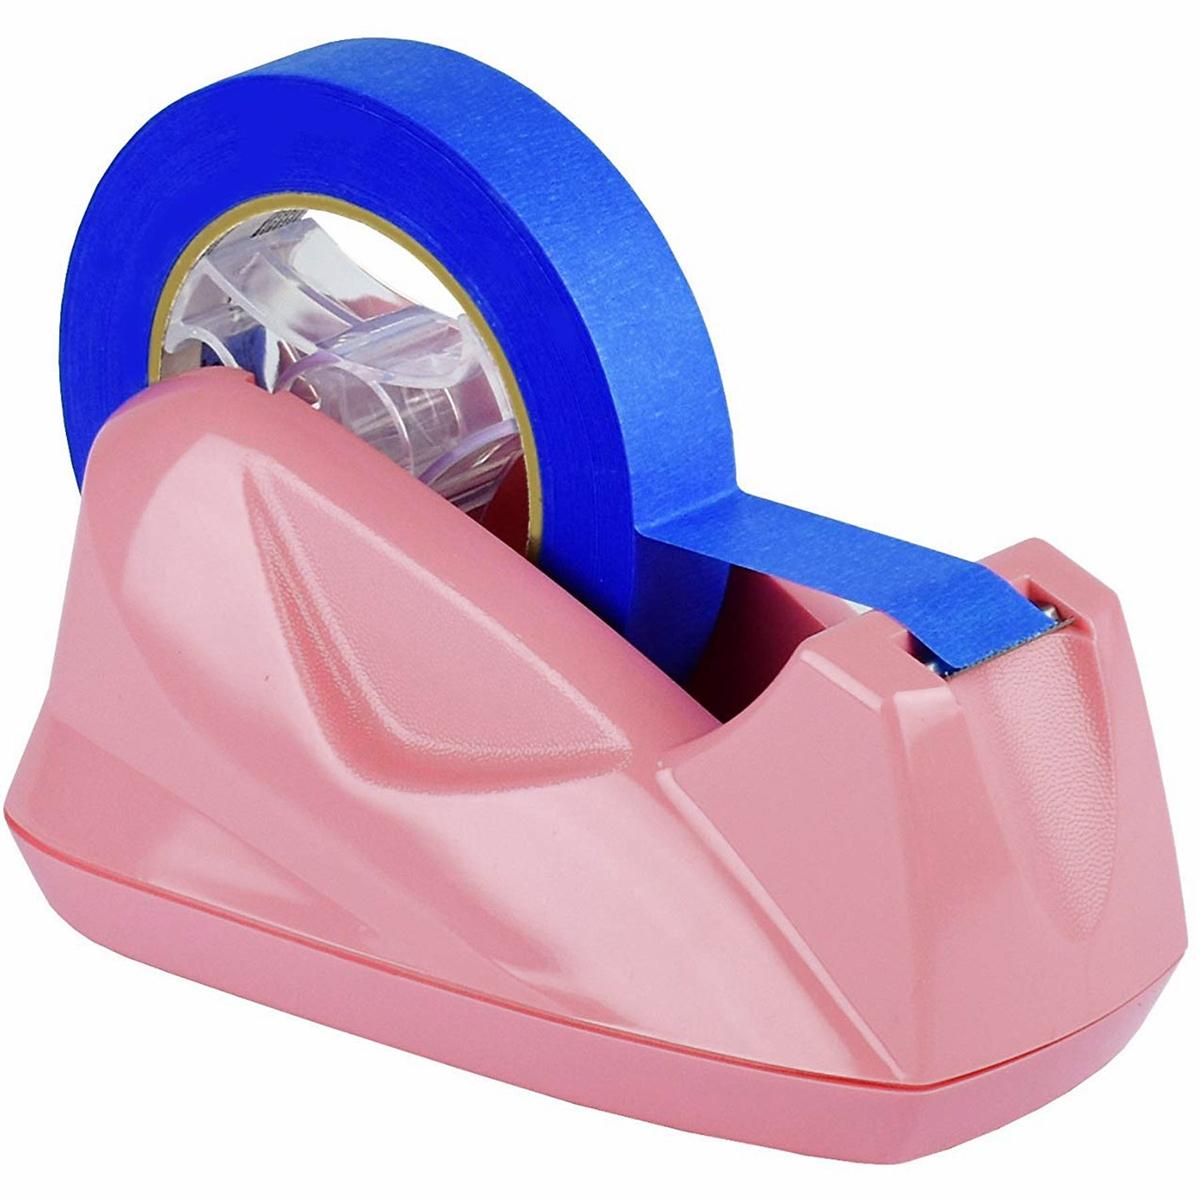 Acrimet Tape Dispenser Jumbo (Pink Color) Code 271.9